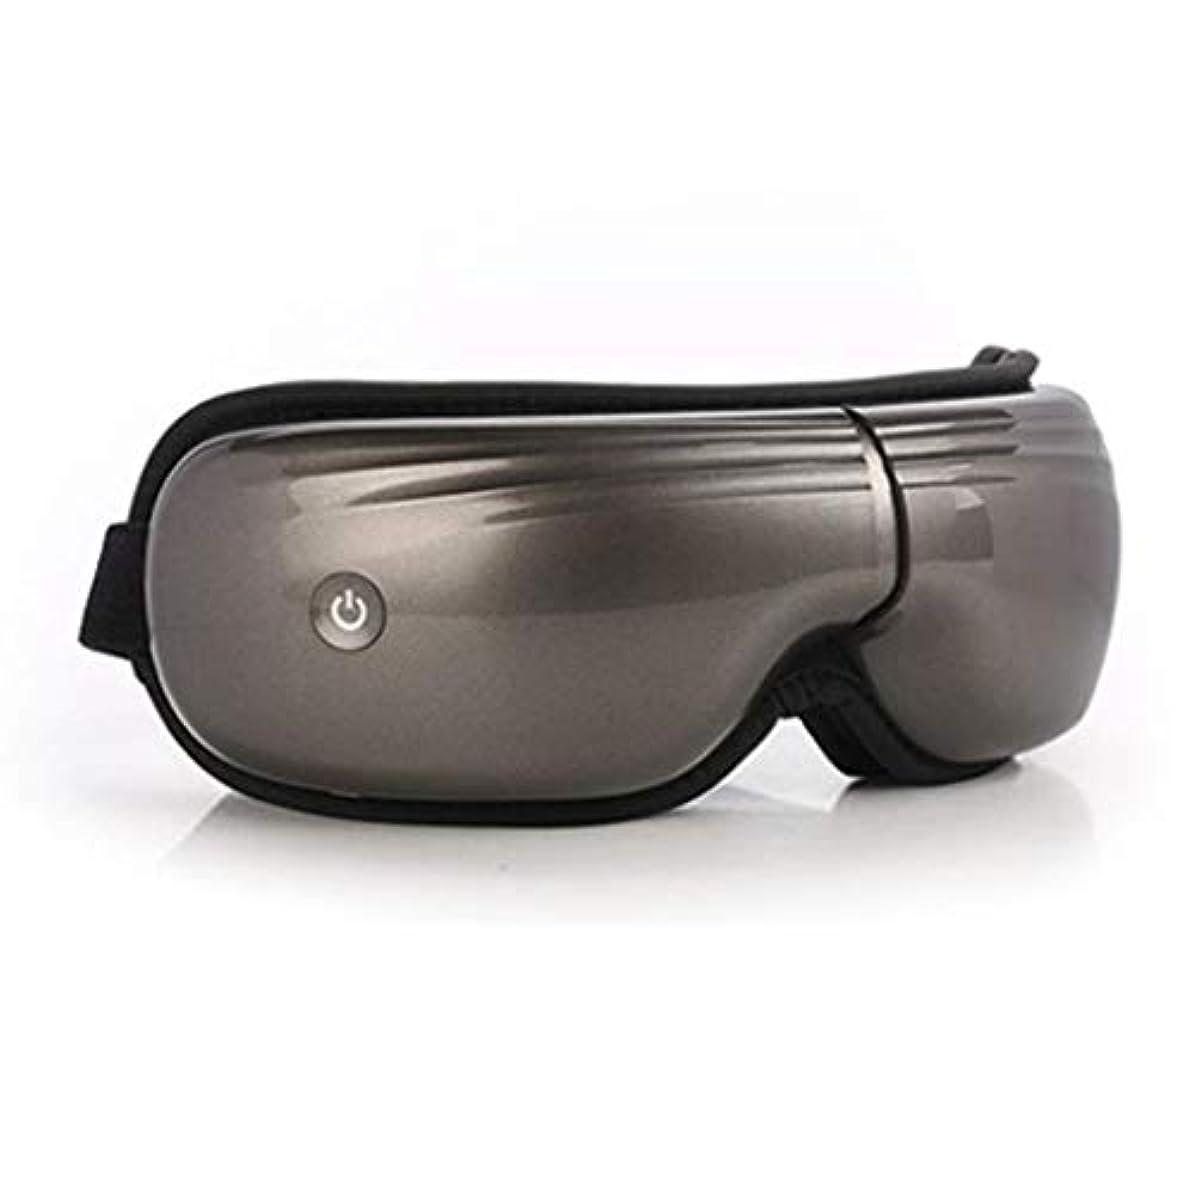 品種領事館インシデントアイマッサージアイマスク、アイマッサージャー、USB充電式ポータブルアイツール、ホットコンプレッションおよびフォールディングホーム、ダークサークルアイバッグおよびアイ疲労の改善、いつでも、いつでも持ち運びが簡単